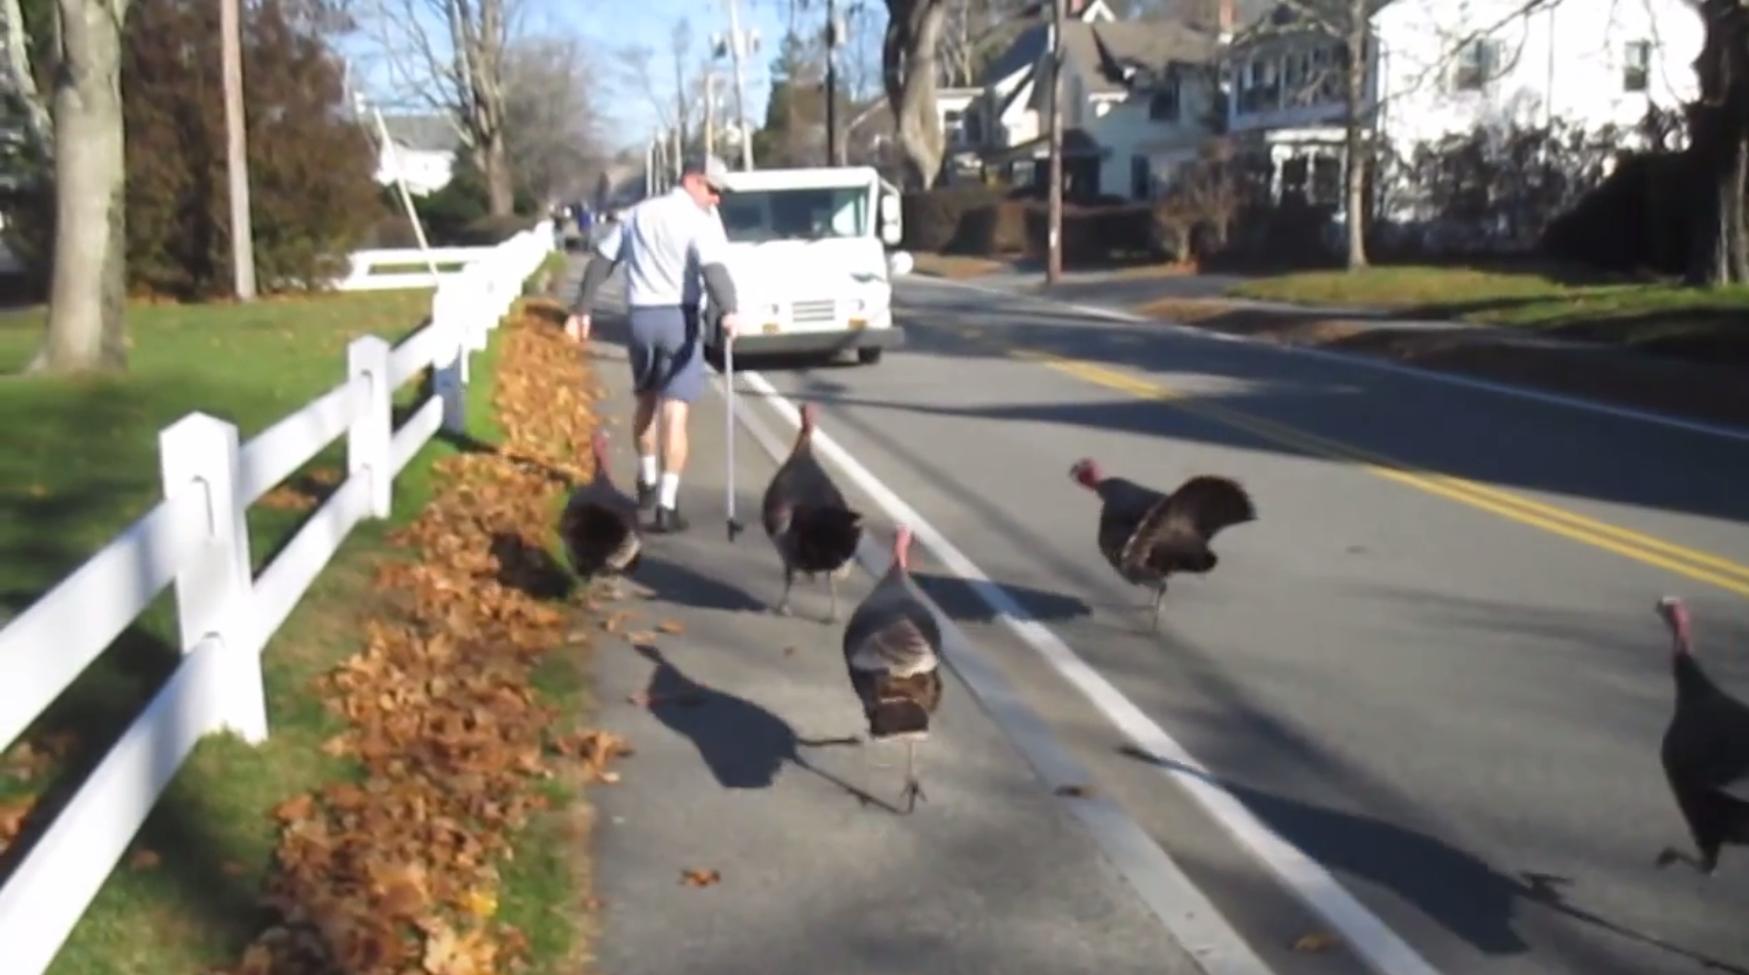 Turkeys get Christmas revenge on postman